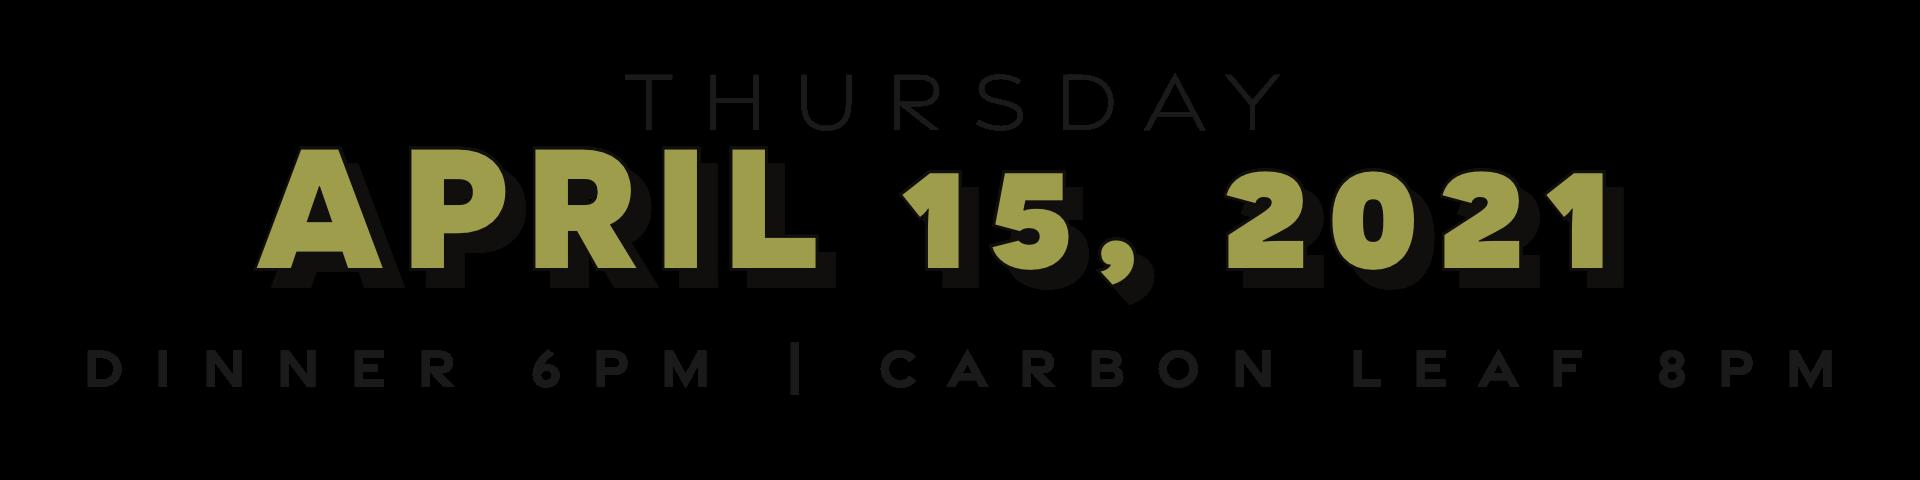 Thursday September 3